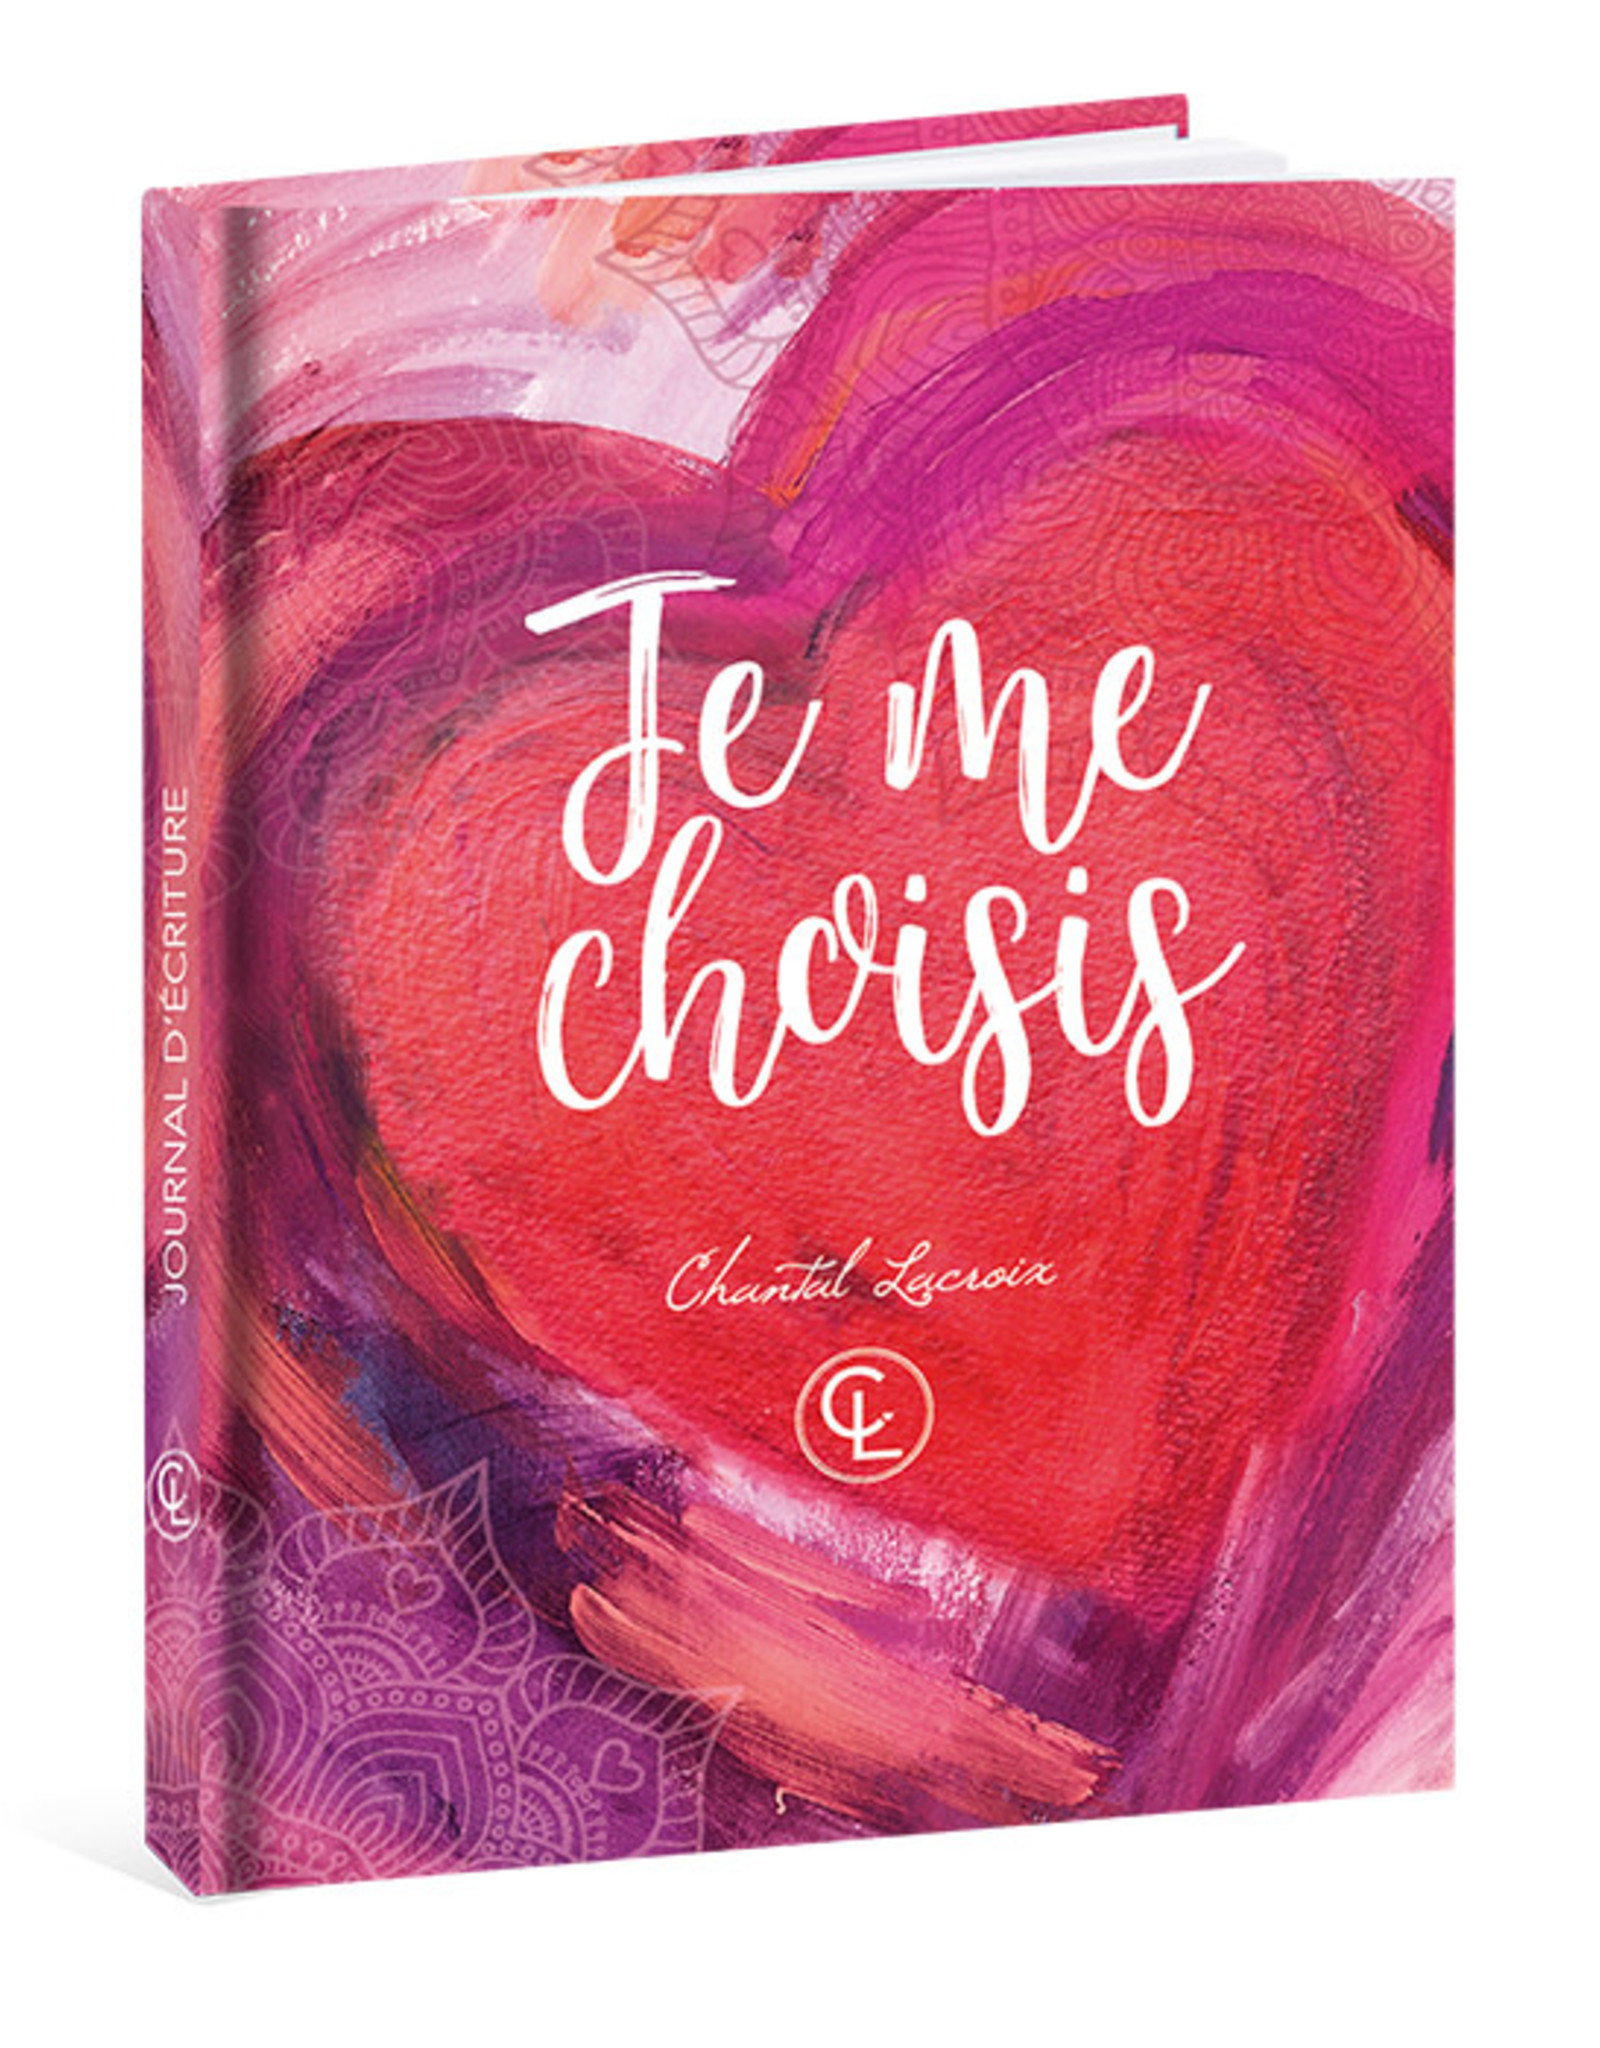 Chantal Lacroix Cahier Je me choisis